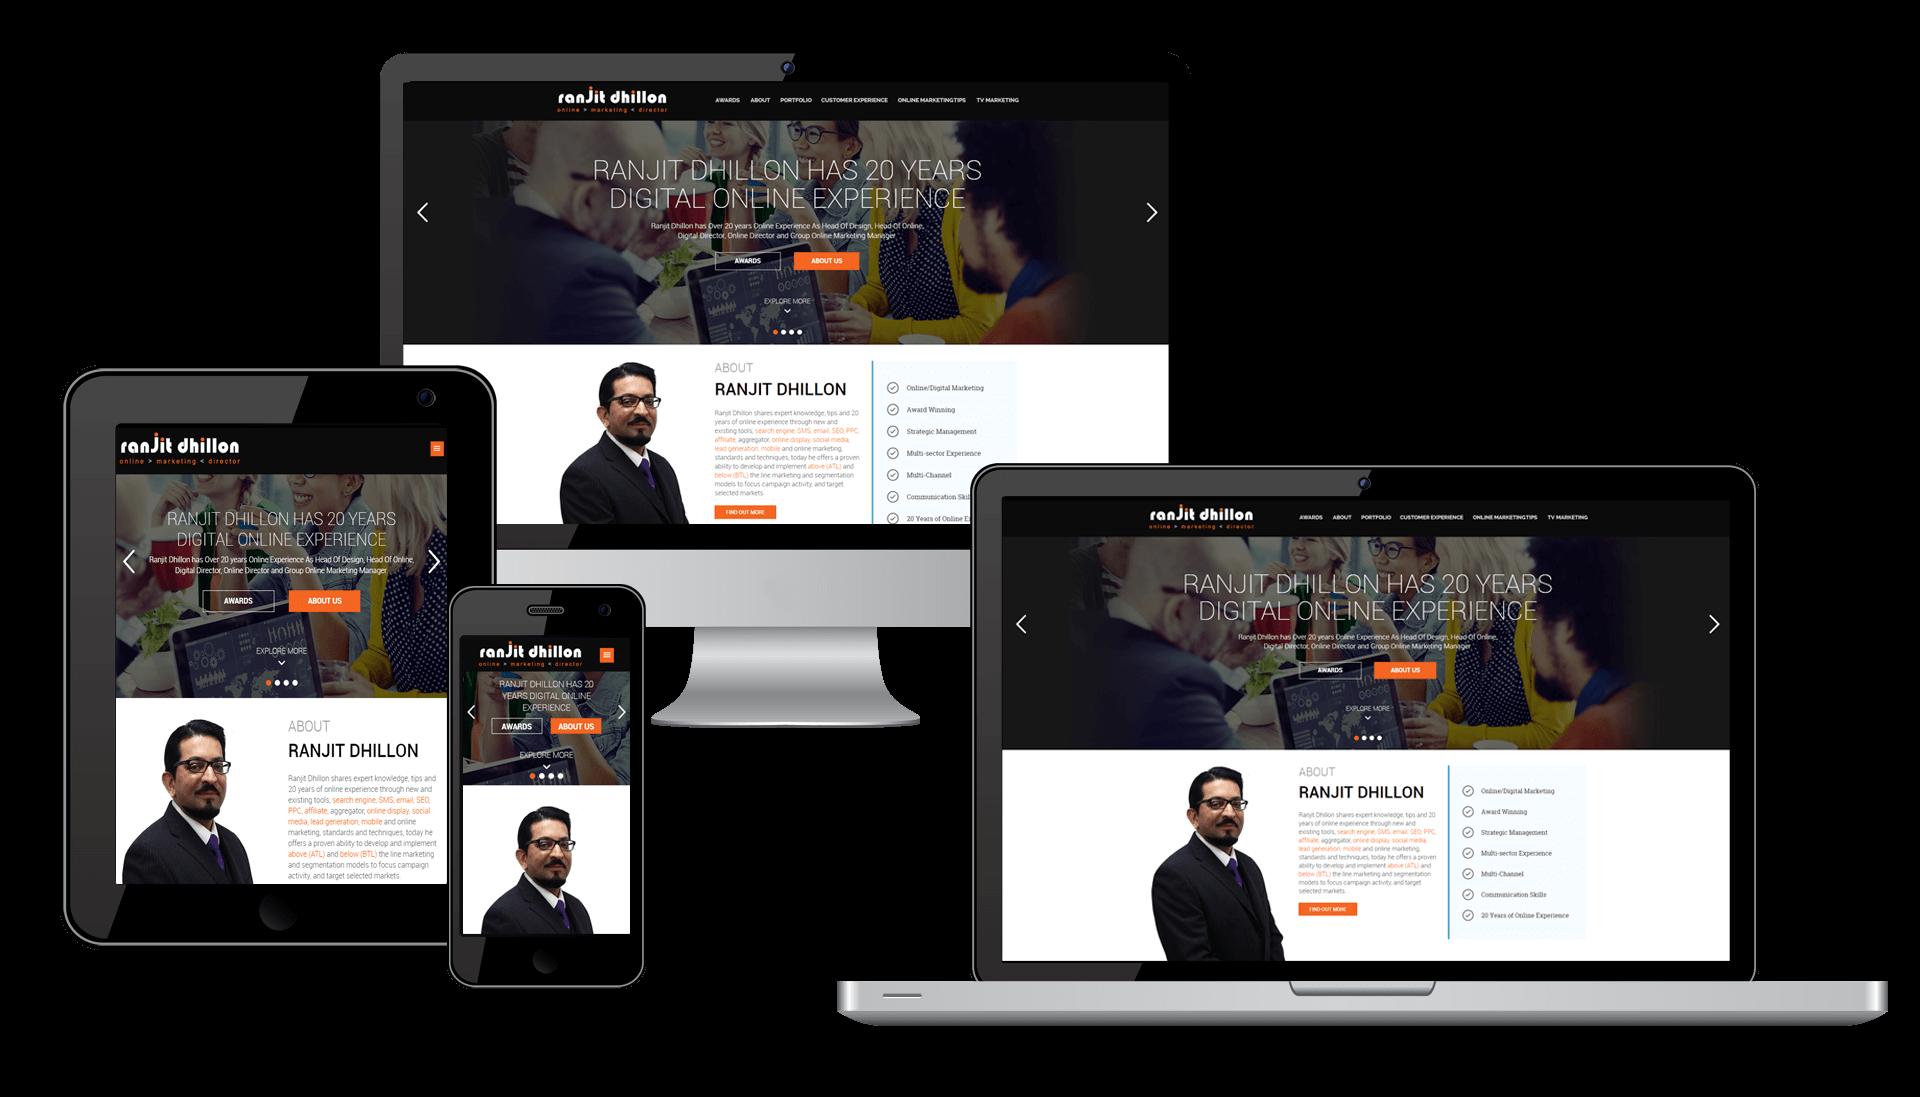 Ranjit Dhillon website responsive design